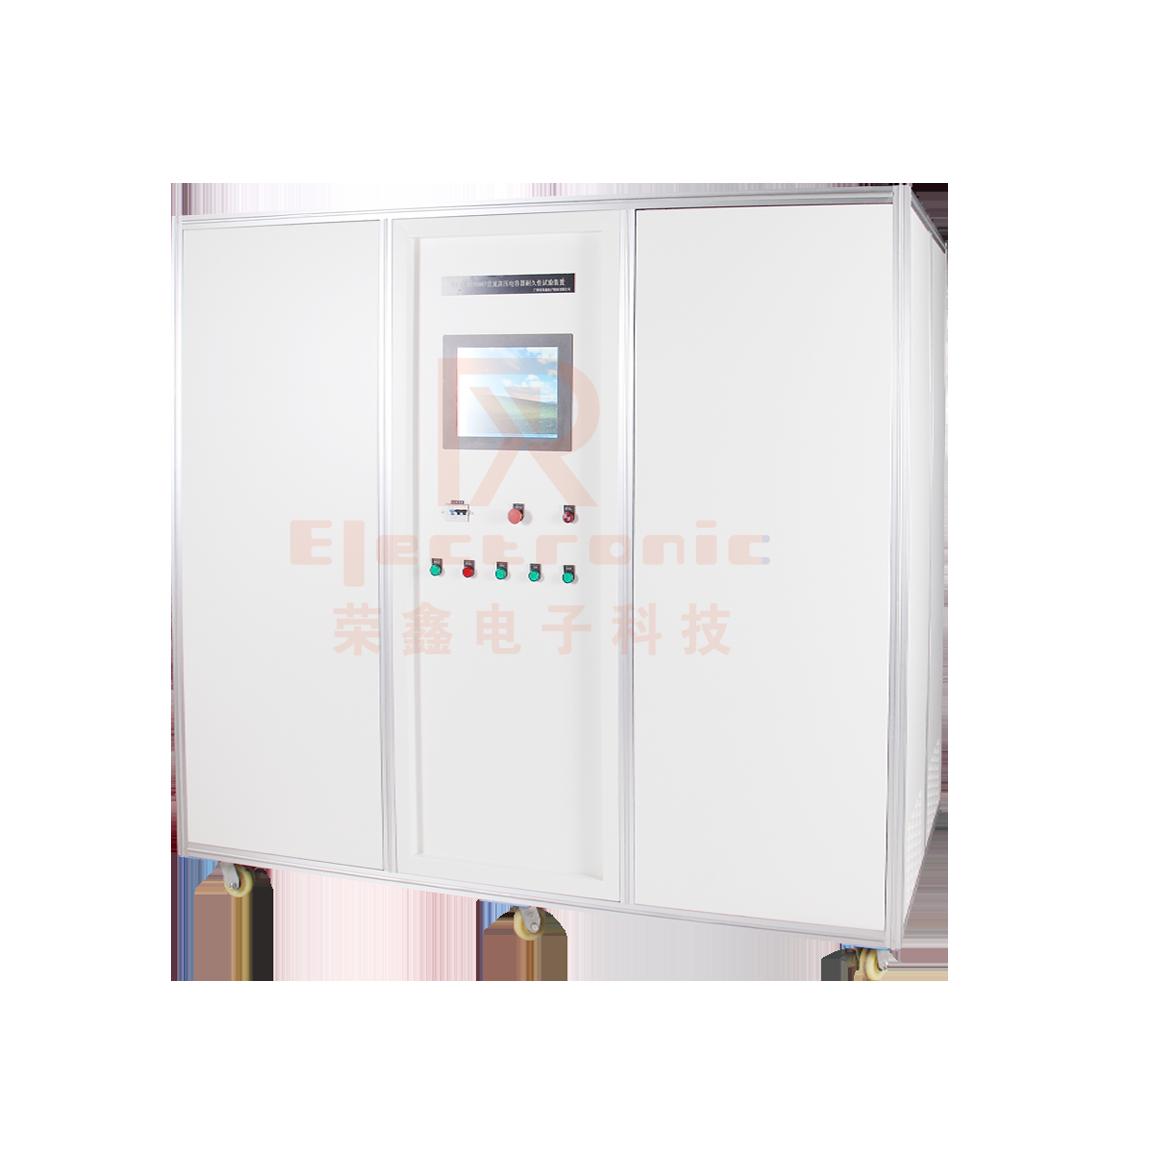 RXCBE9810直流高压电容器冲击放电试验装置广州哪家生产好-广州荣鑫